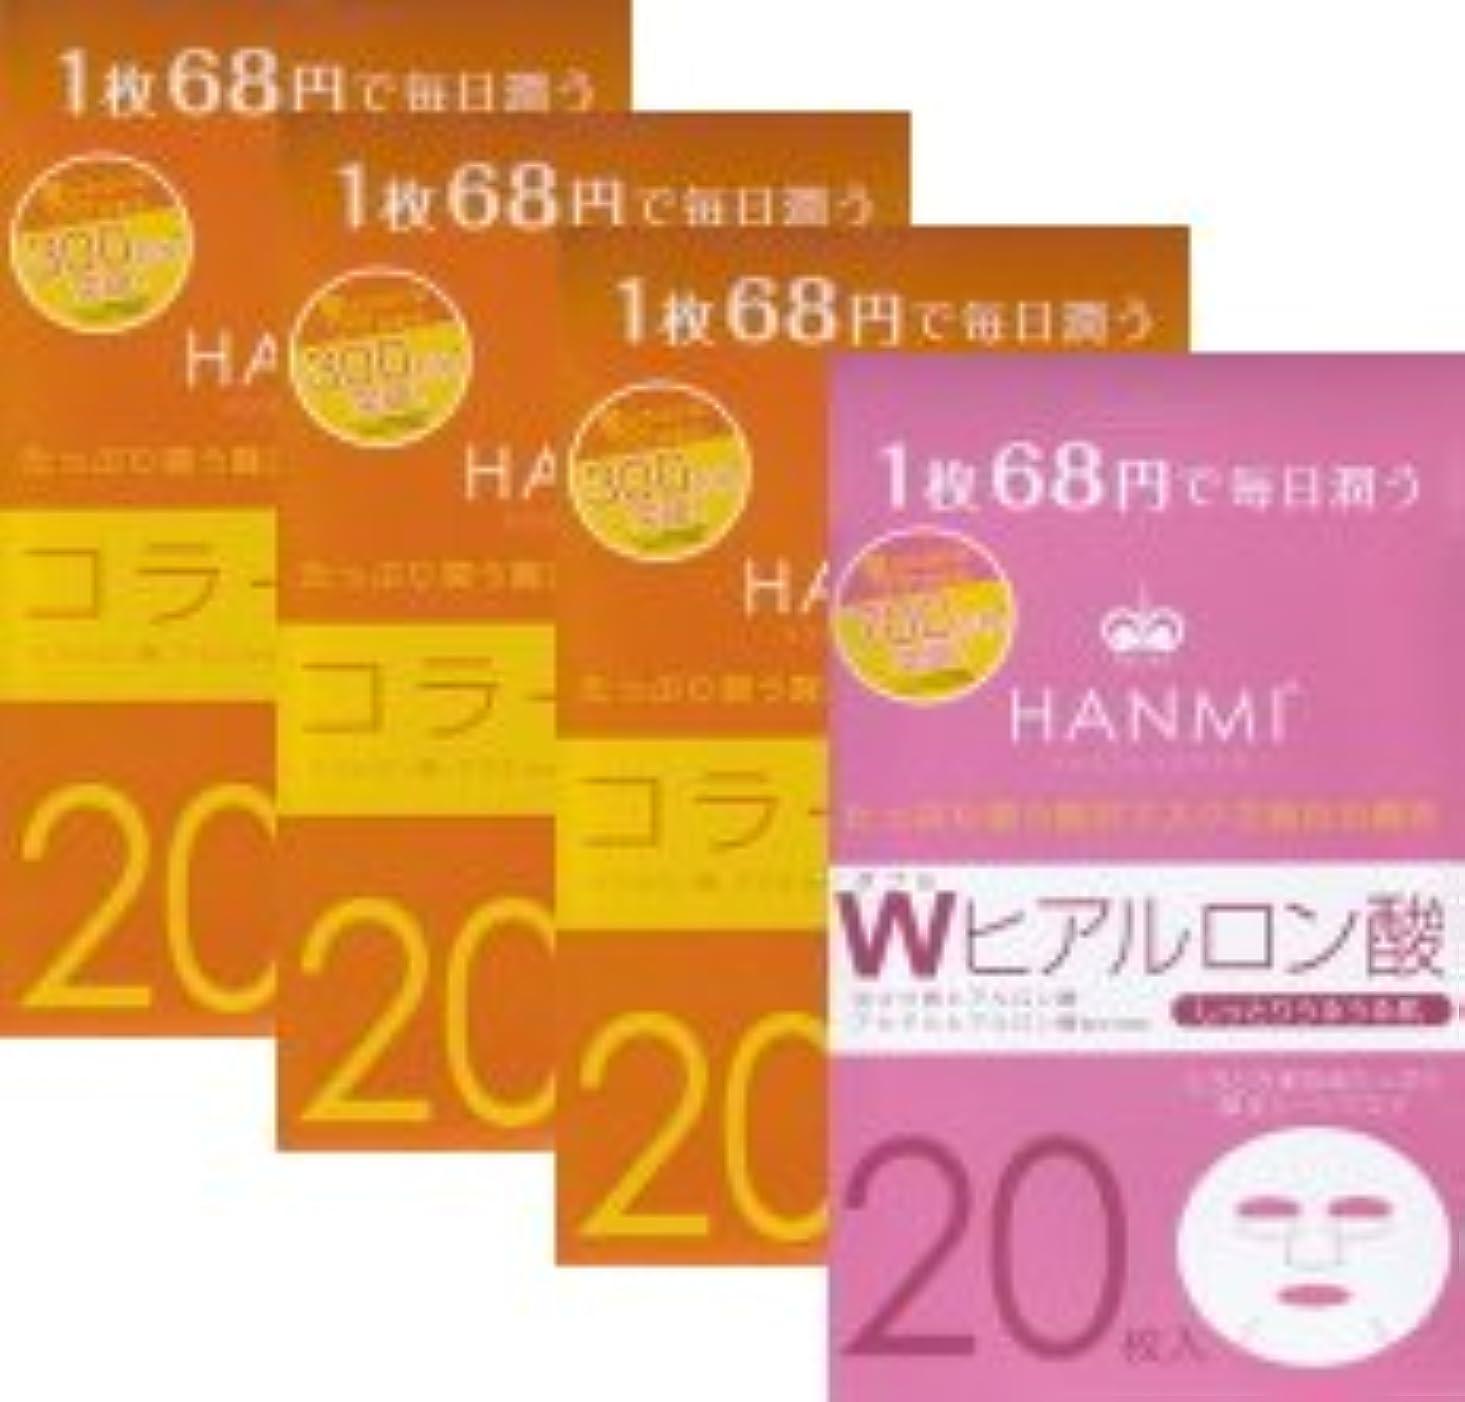 アプローチりキッチンMIGAKI ハンミフェイスマスク(20枚入り)「コラーゲン×3個」「Wヒアルロン酸×1個」の4個セット